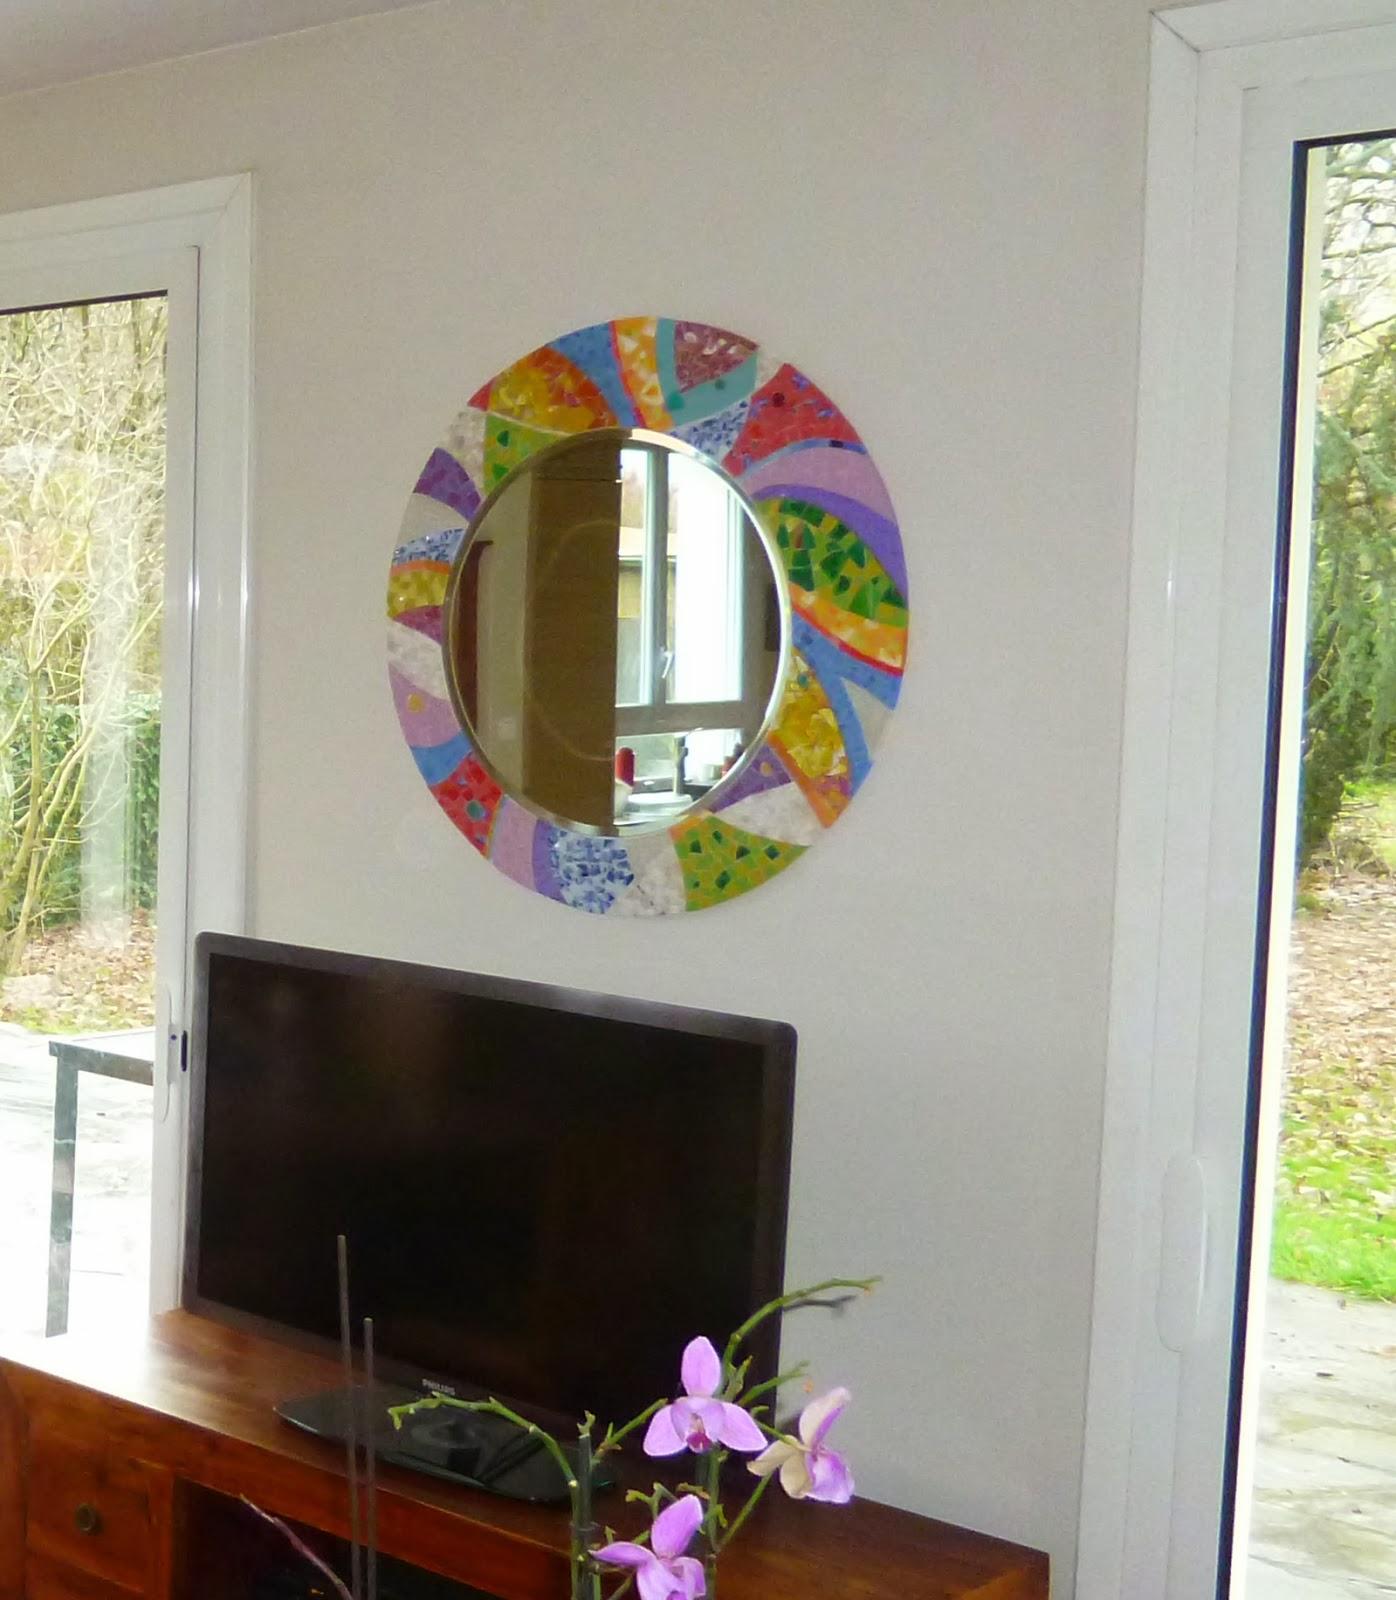 vente d'un miroir rond en mosaique pour décoration d'un salon de maison par mosaiste mimi vermicelle